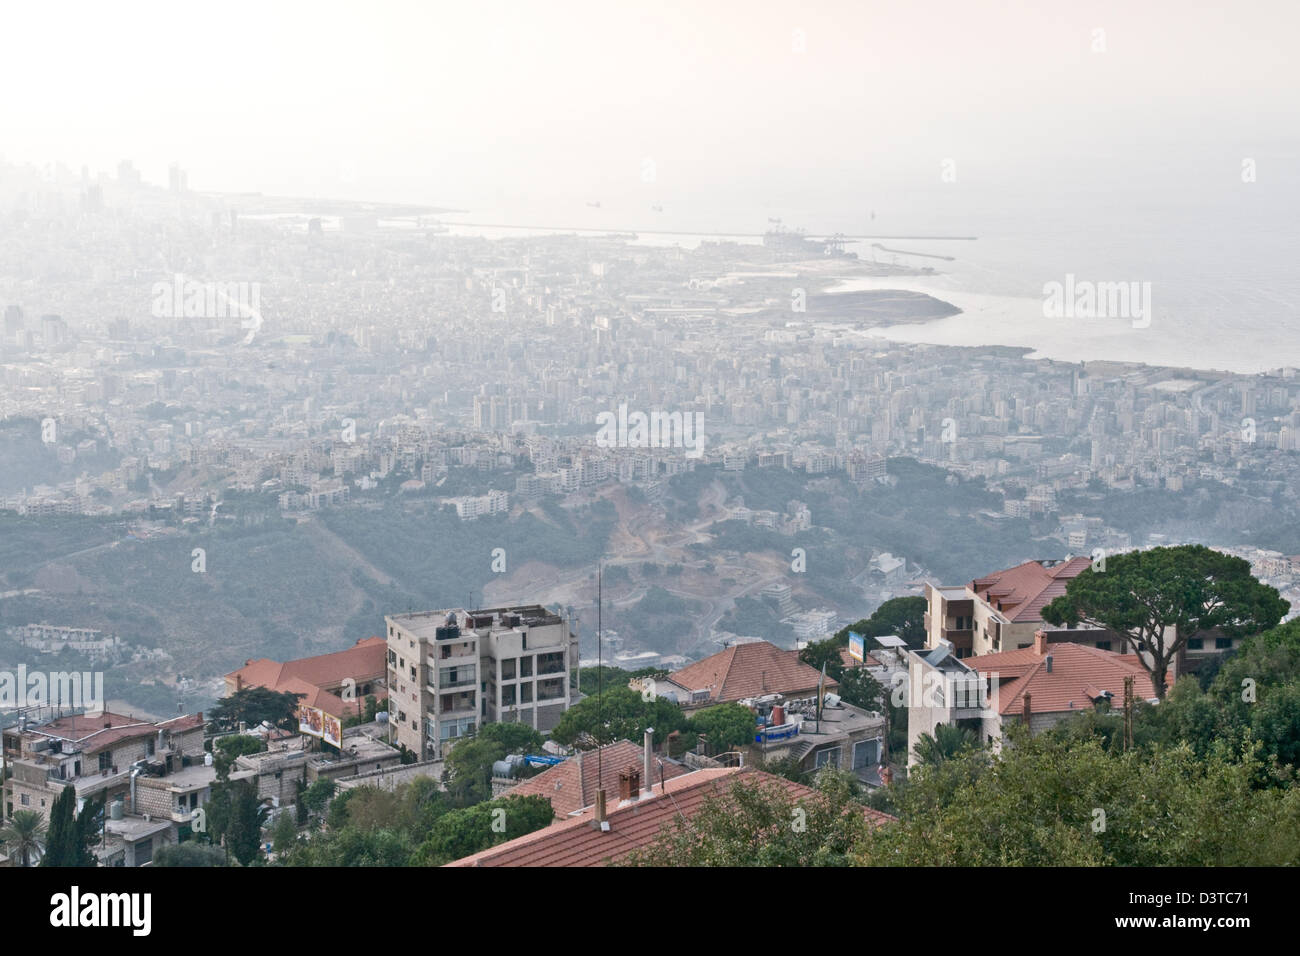 Una vista de la ciudad y distrito de puerto libanés de Beirut como se ve desde la ciudad de Beit Meri en las Imagen De Stock